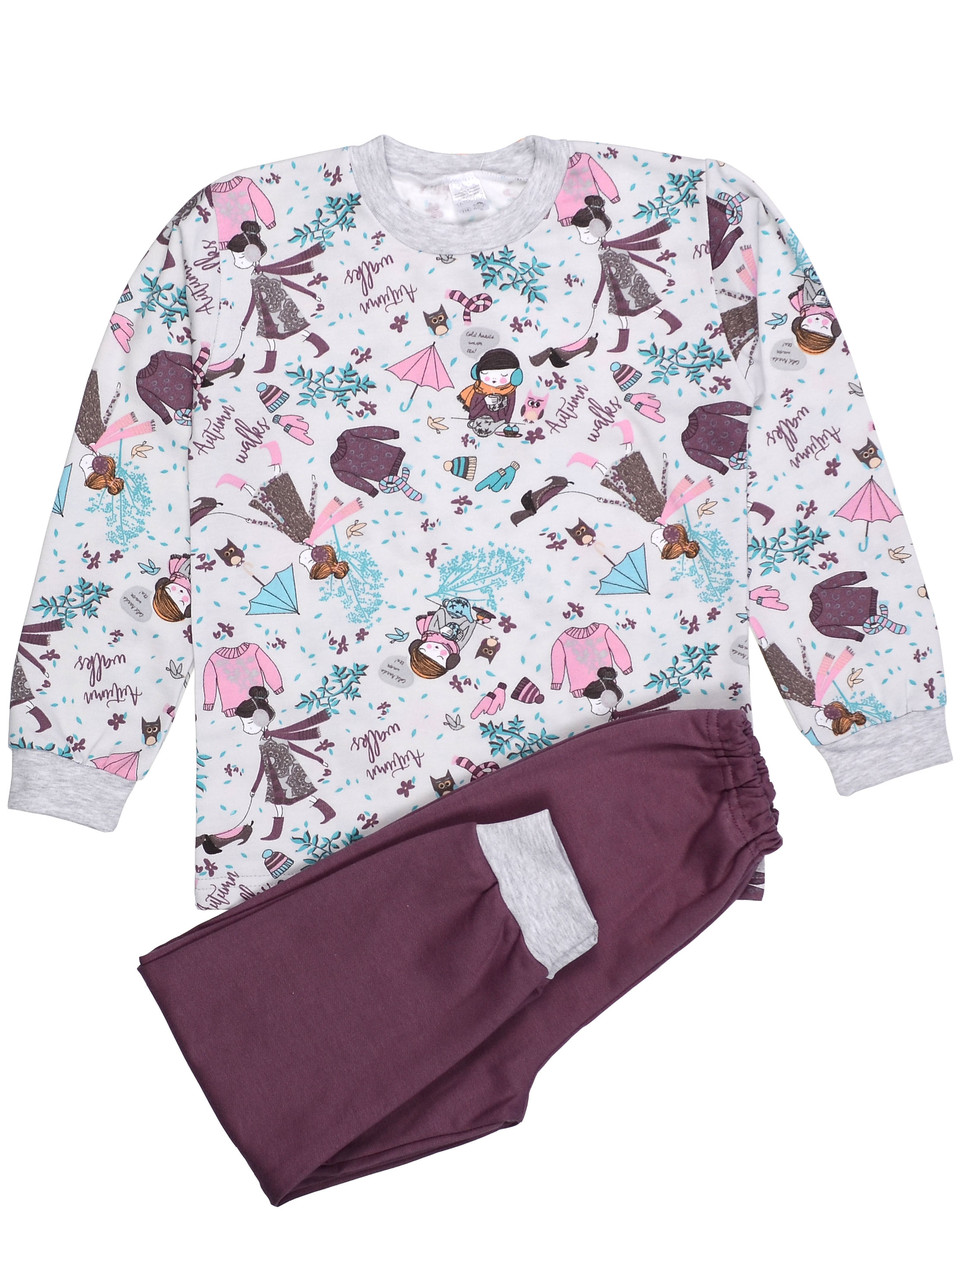 Теплая пижама детская (футер), принт осень